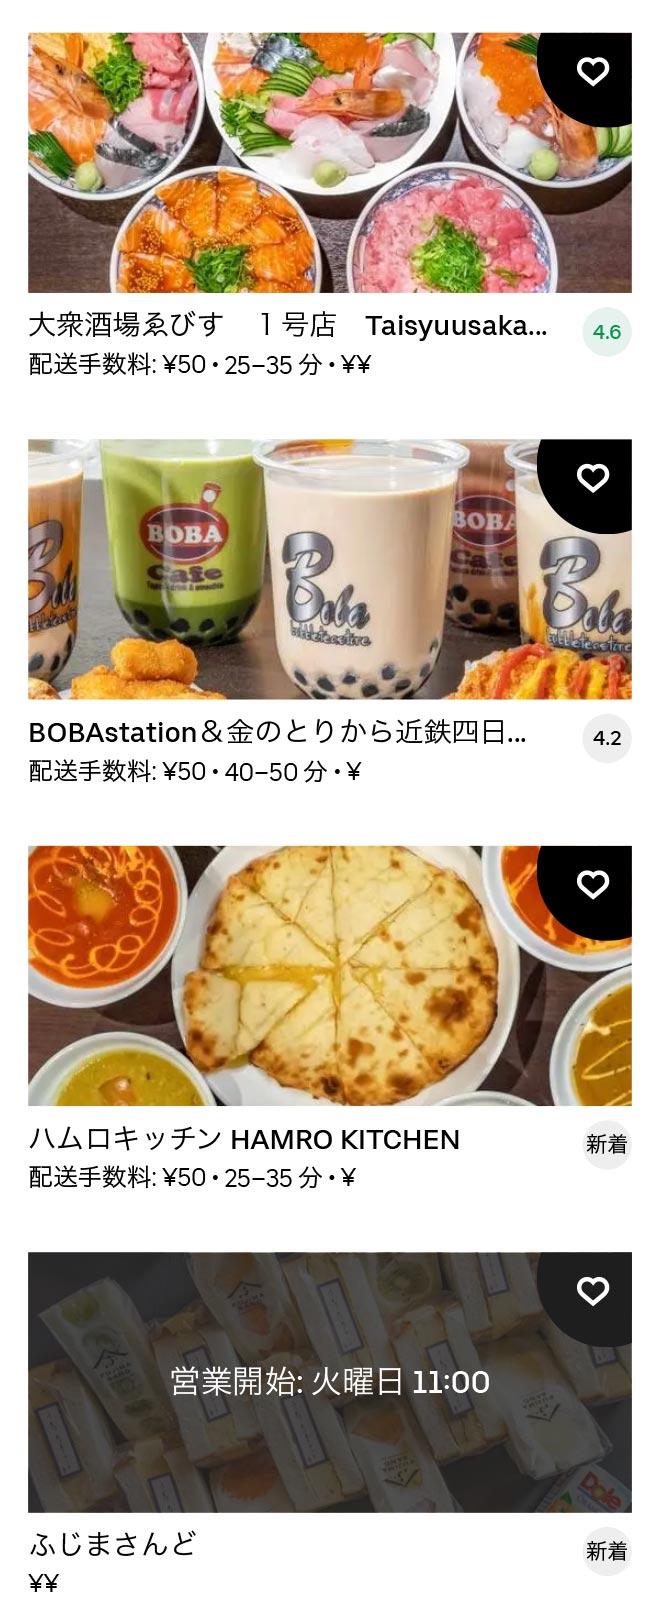 Yokkaichi menu 2012 08